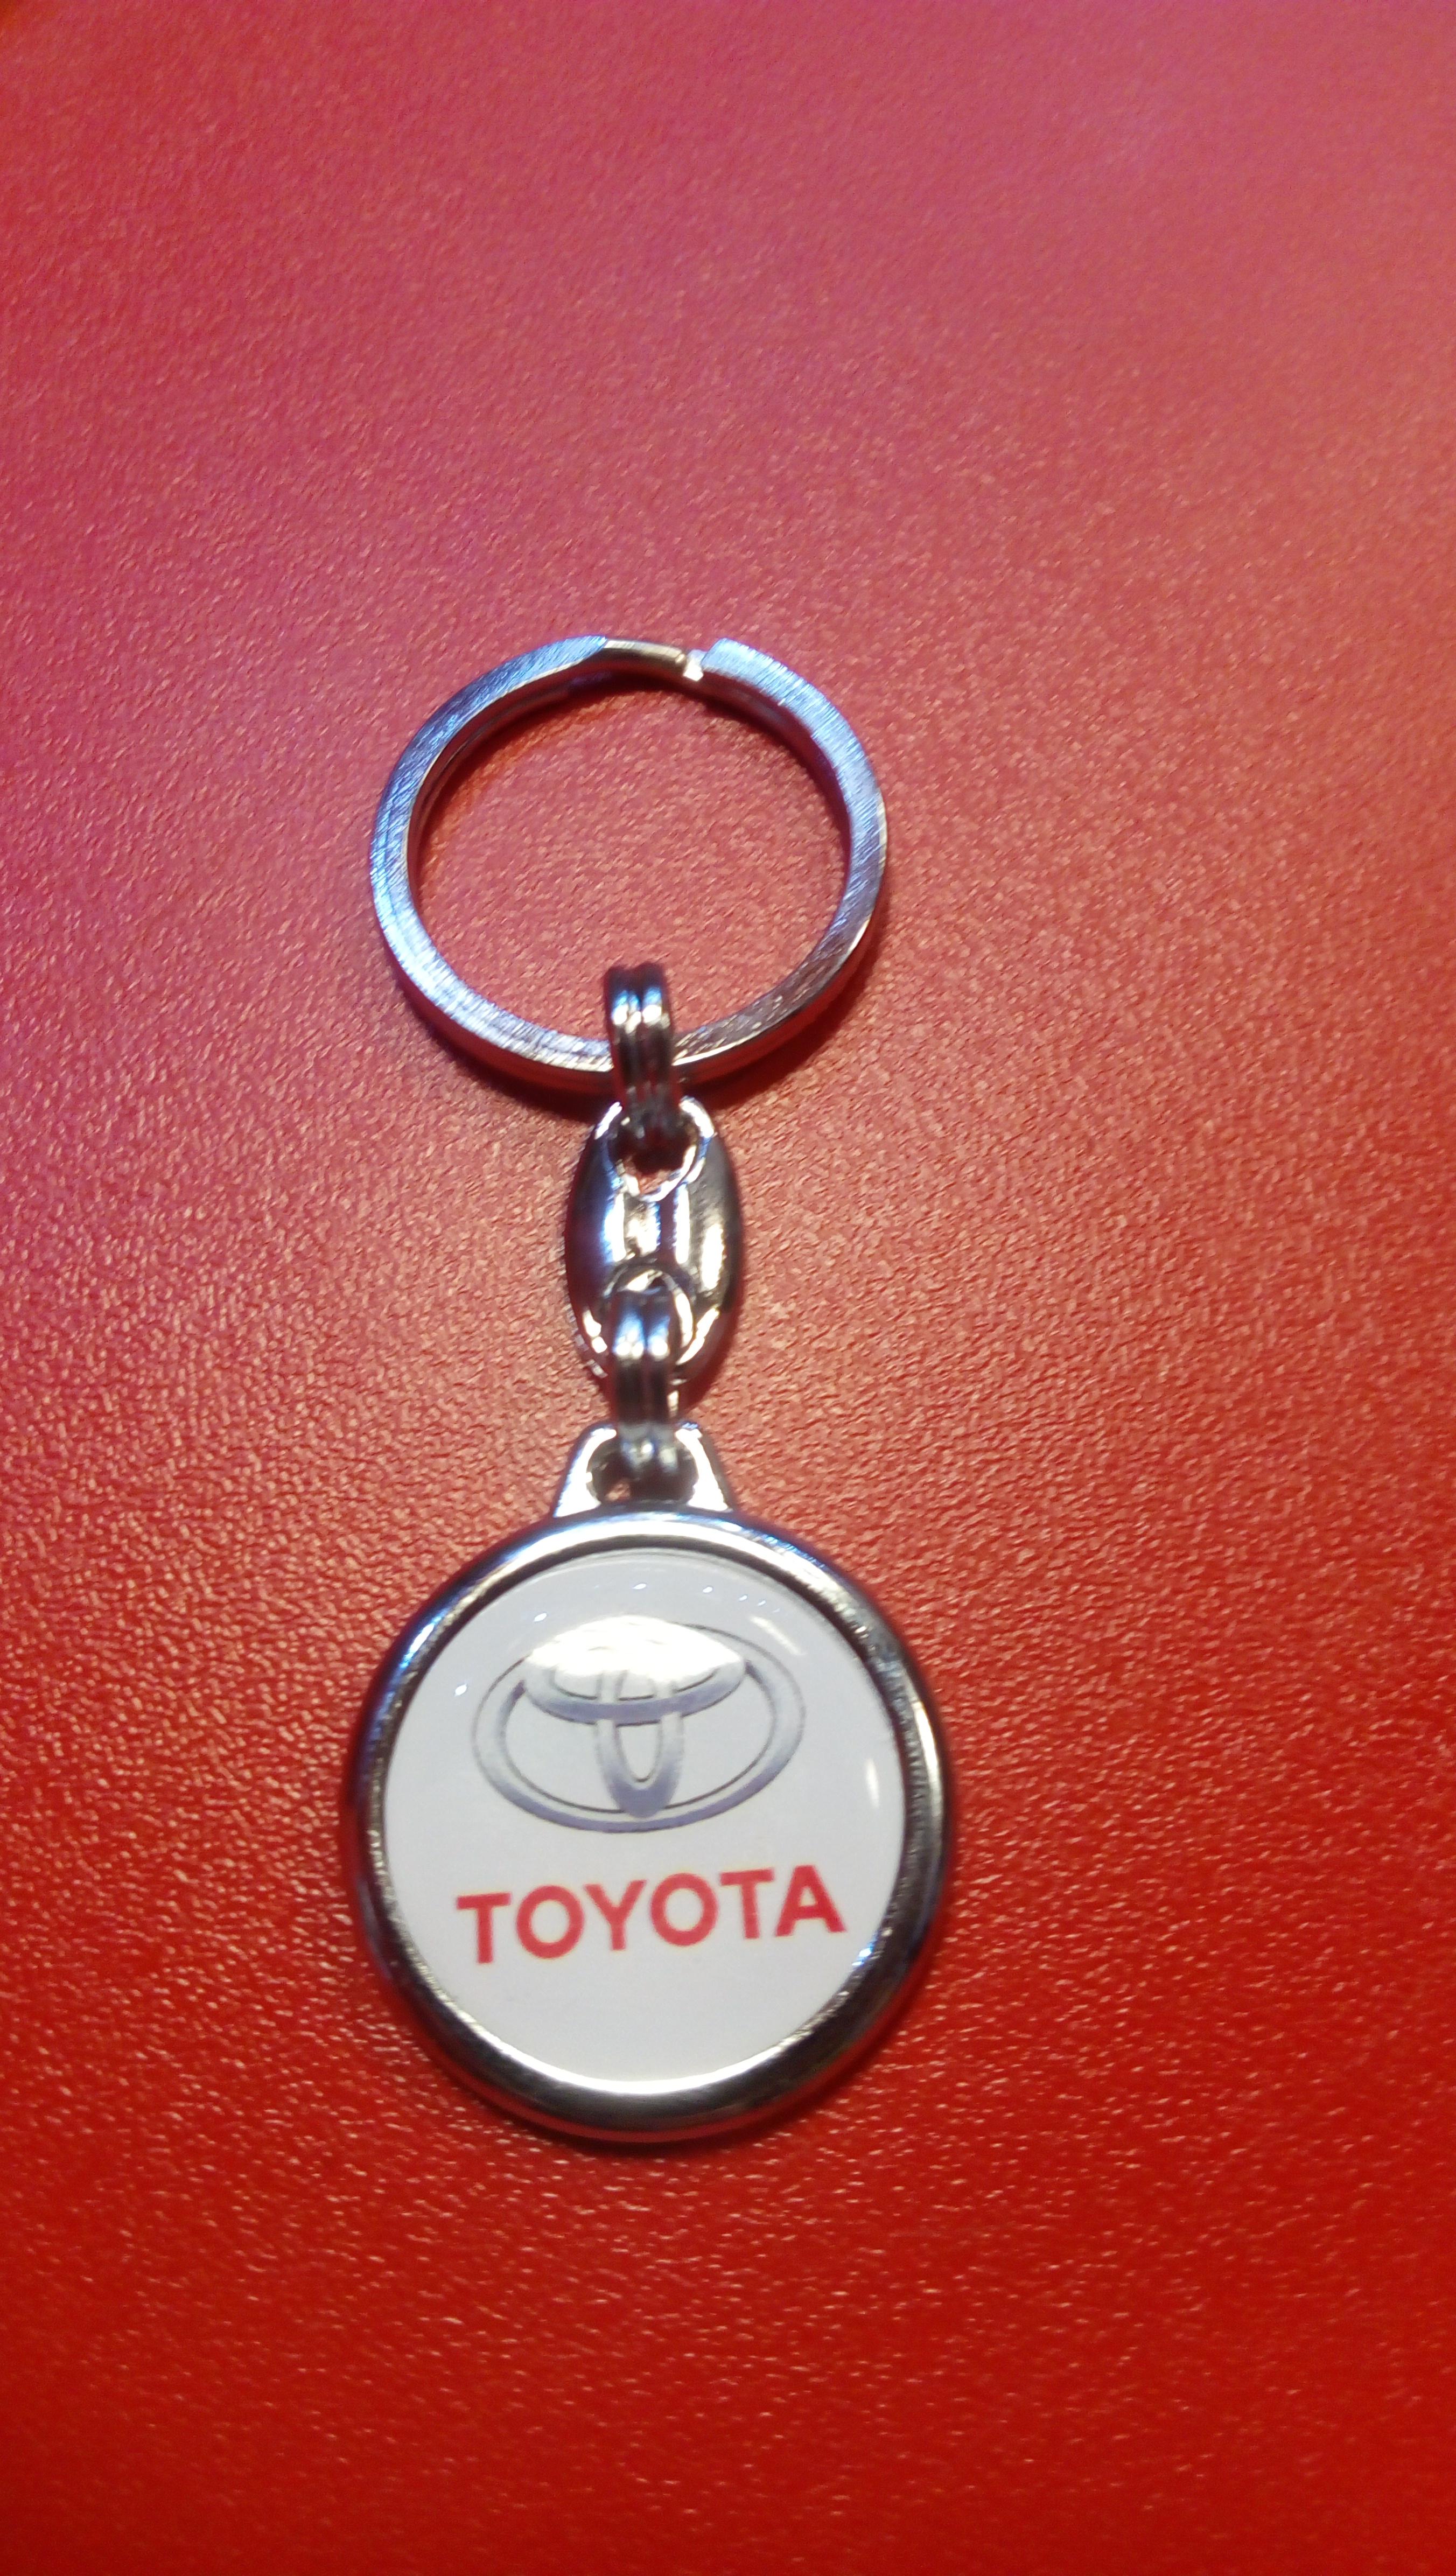 Kľúčenka TOYOTA - SGL CARS - Internetový predaj autodielov f9f721b9d12